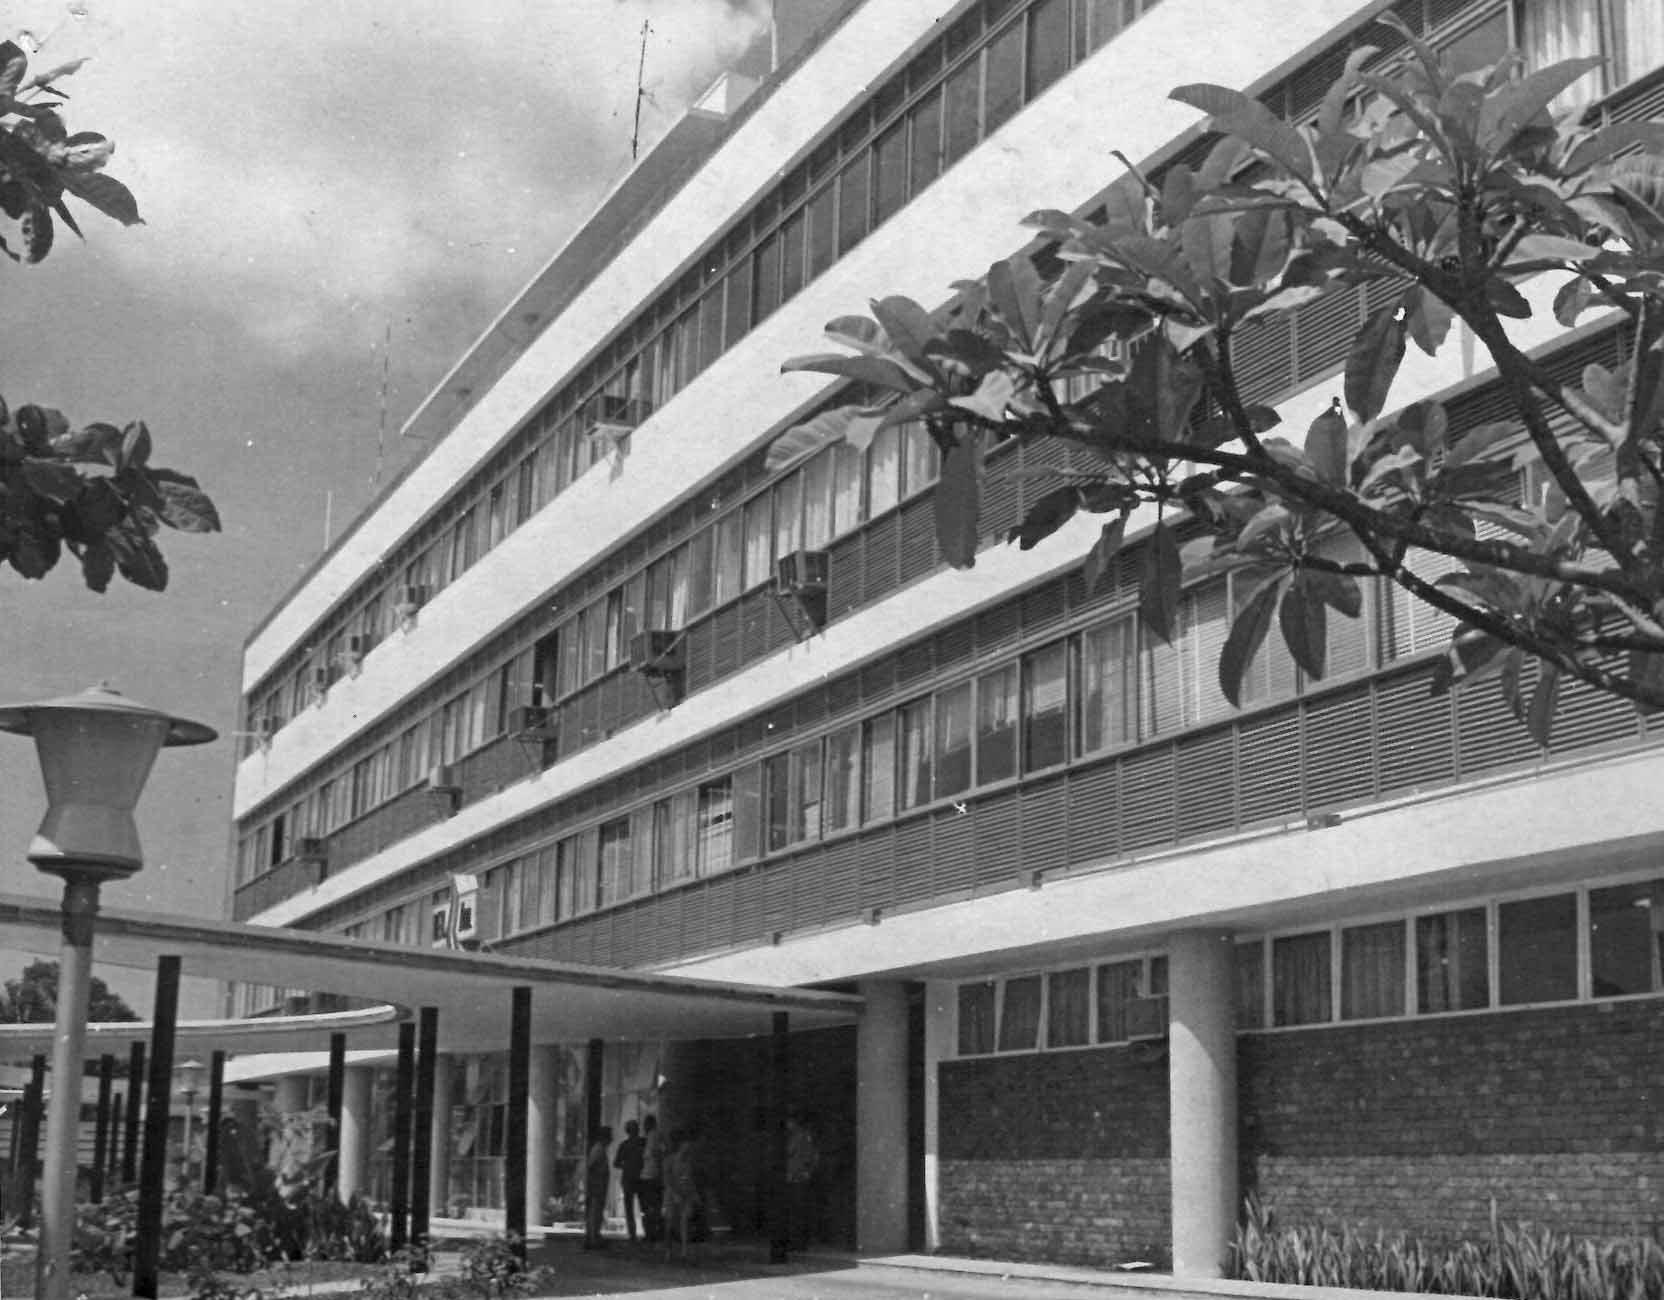 Fotografia do Palácio Rodoviário - Instituto Durango Duarte